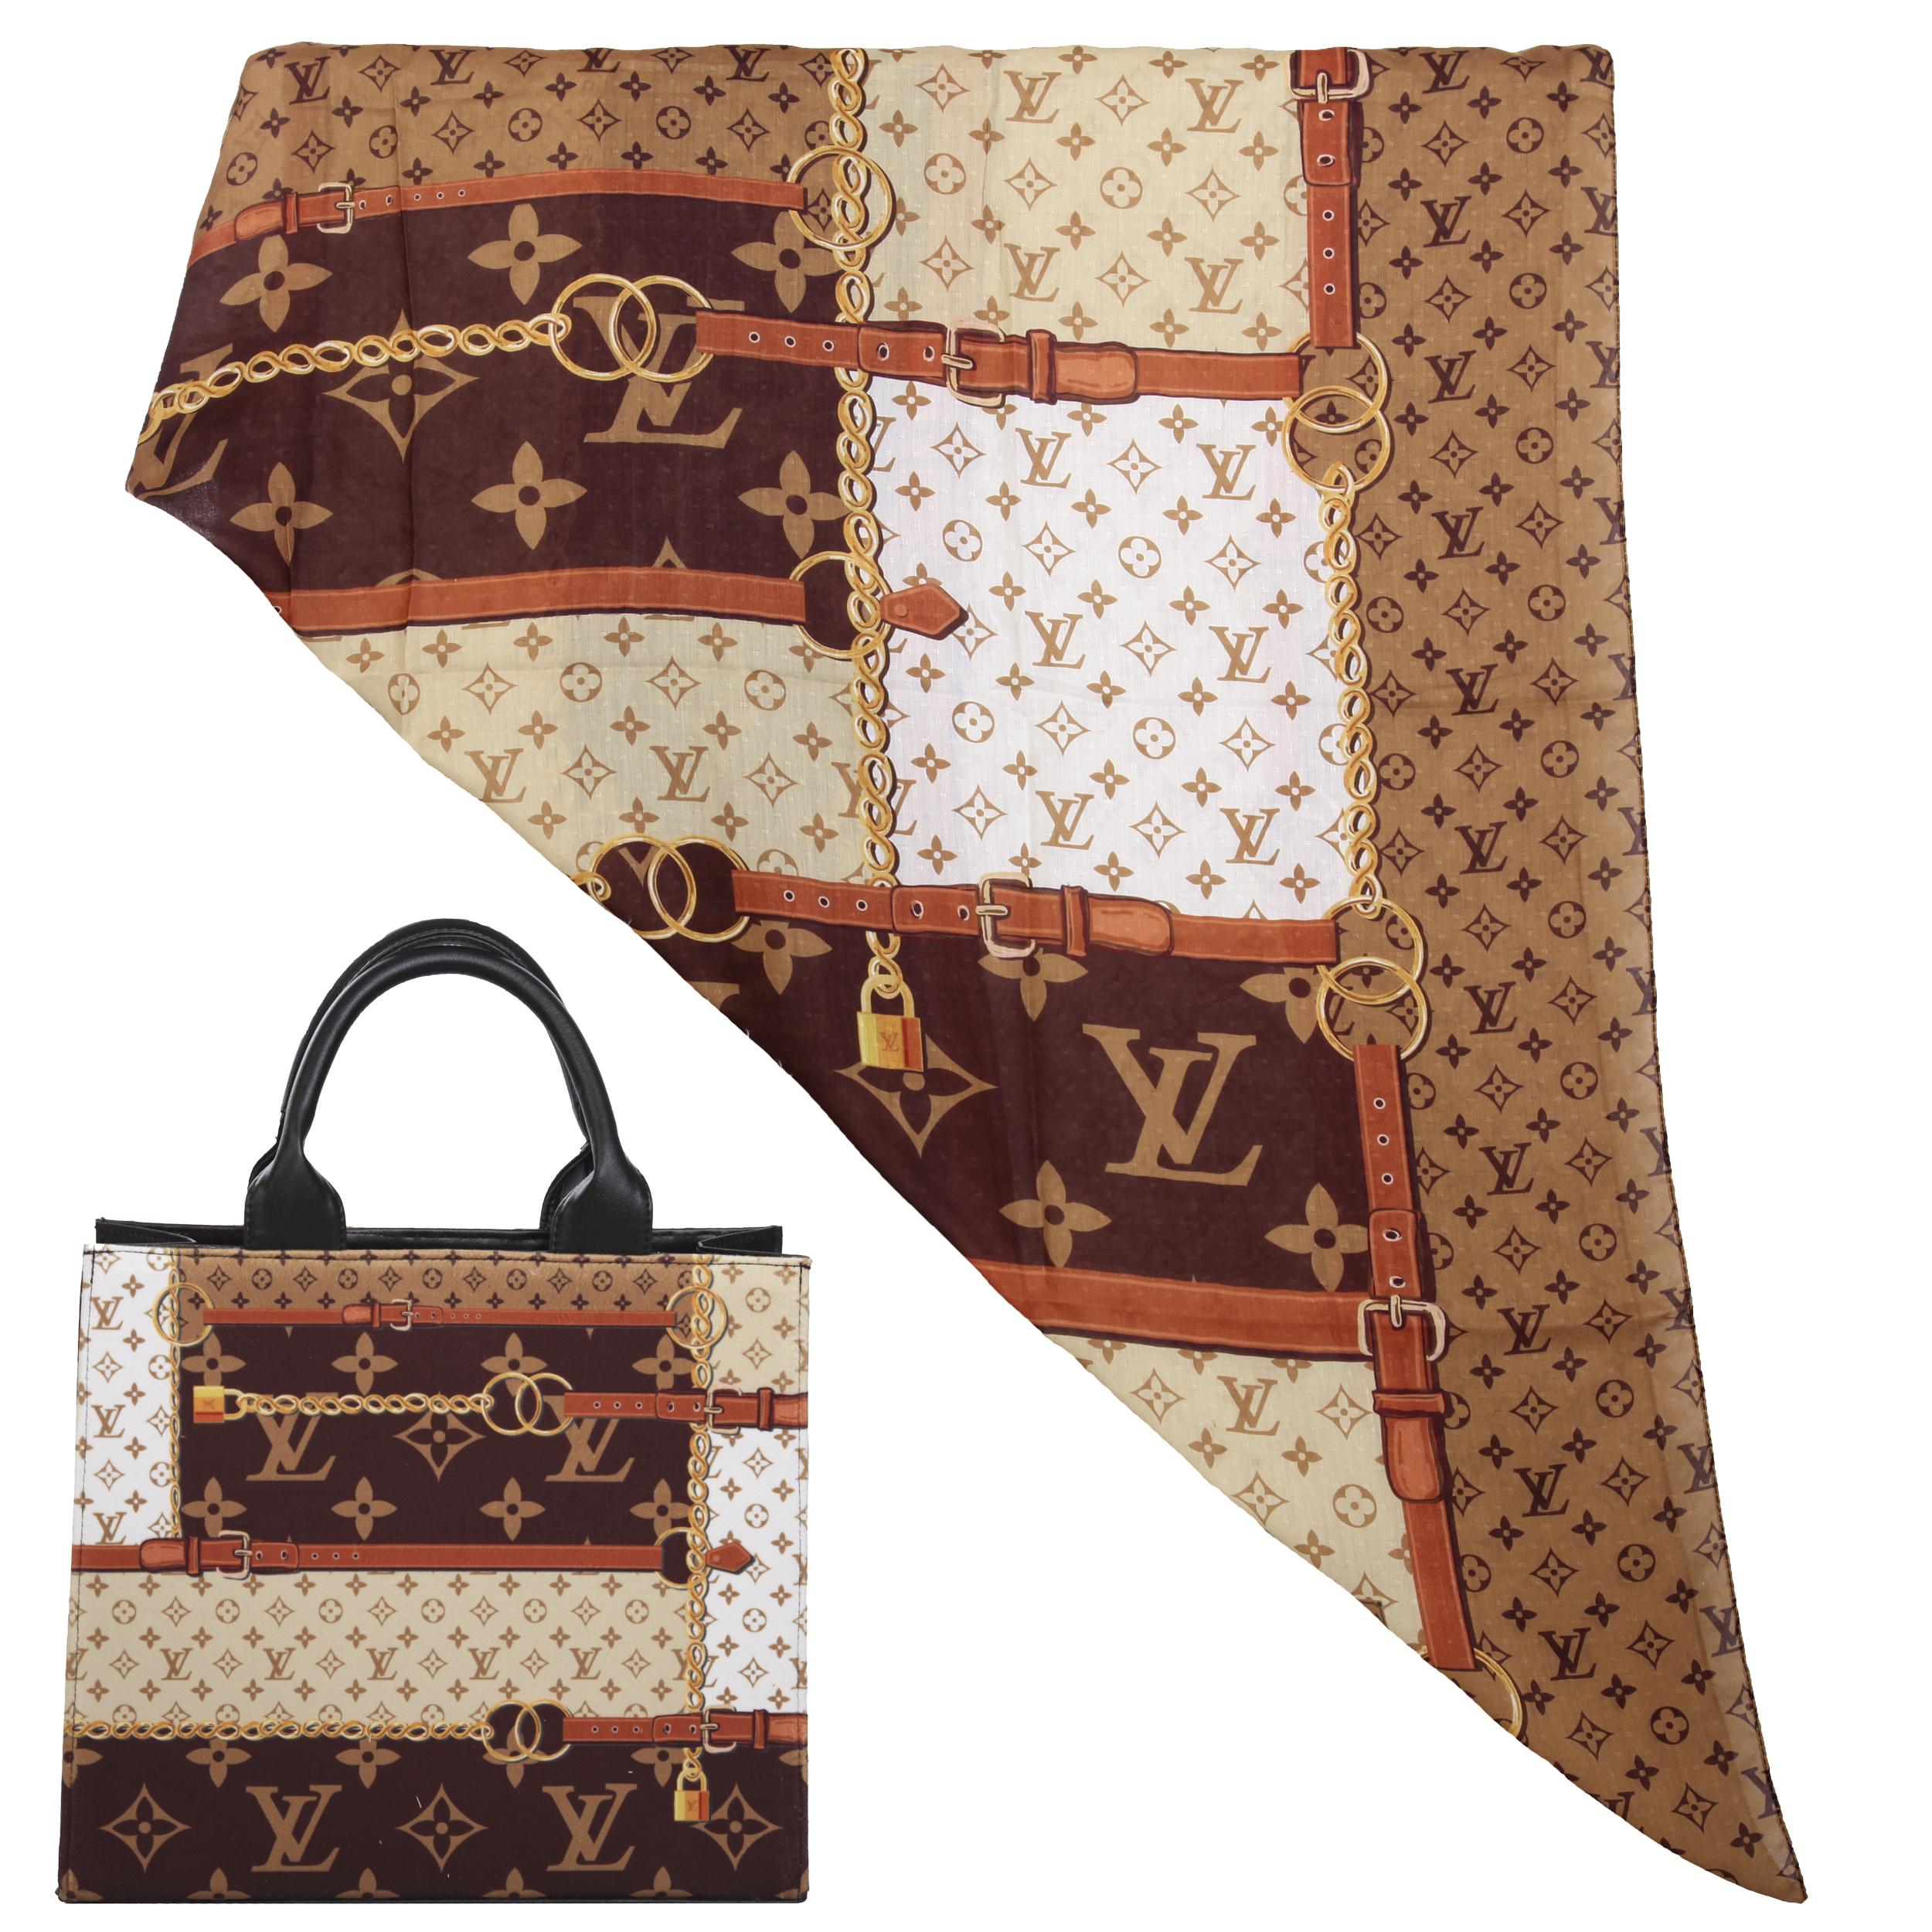 ست کیف و روسری زنانه کد T4-980711